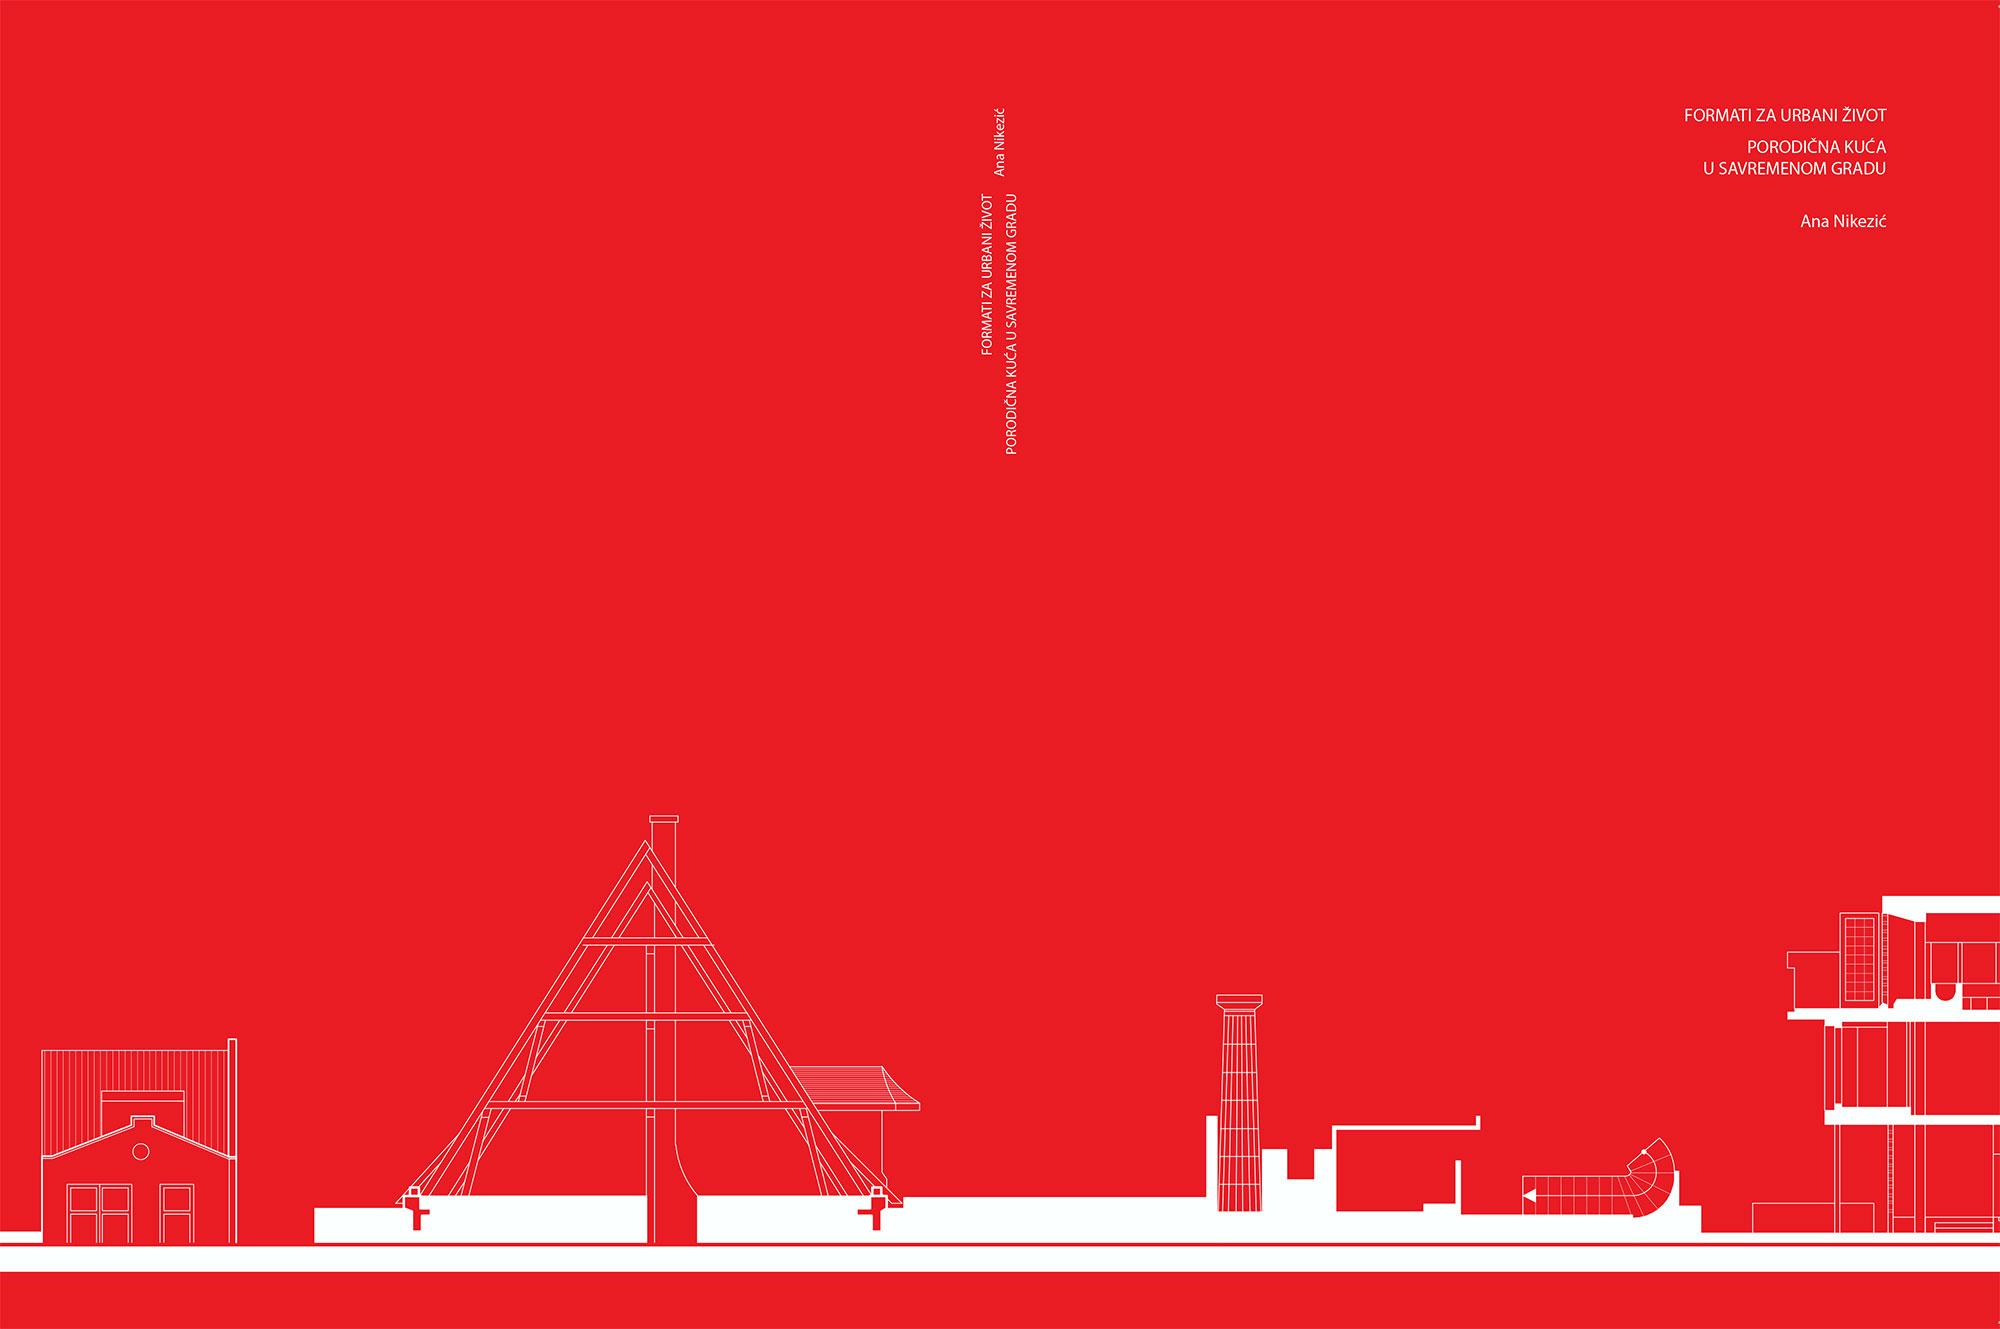 Knjiga_Formati_za_urbani_zivot_odabrano---korice